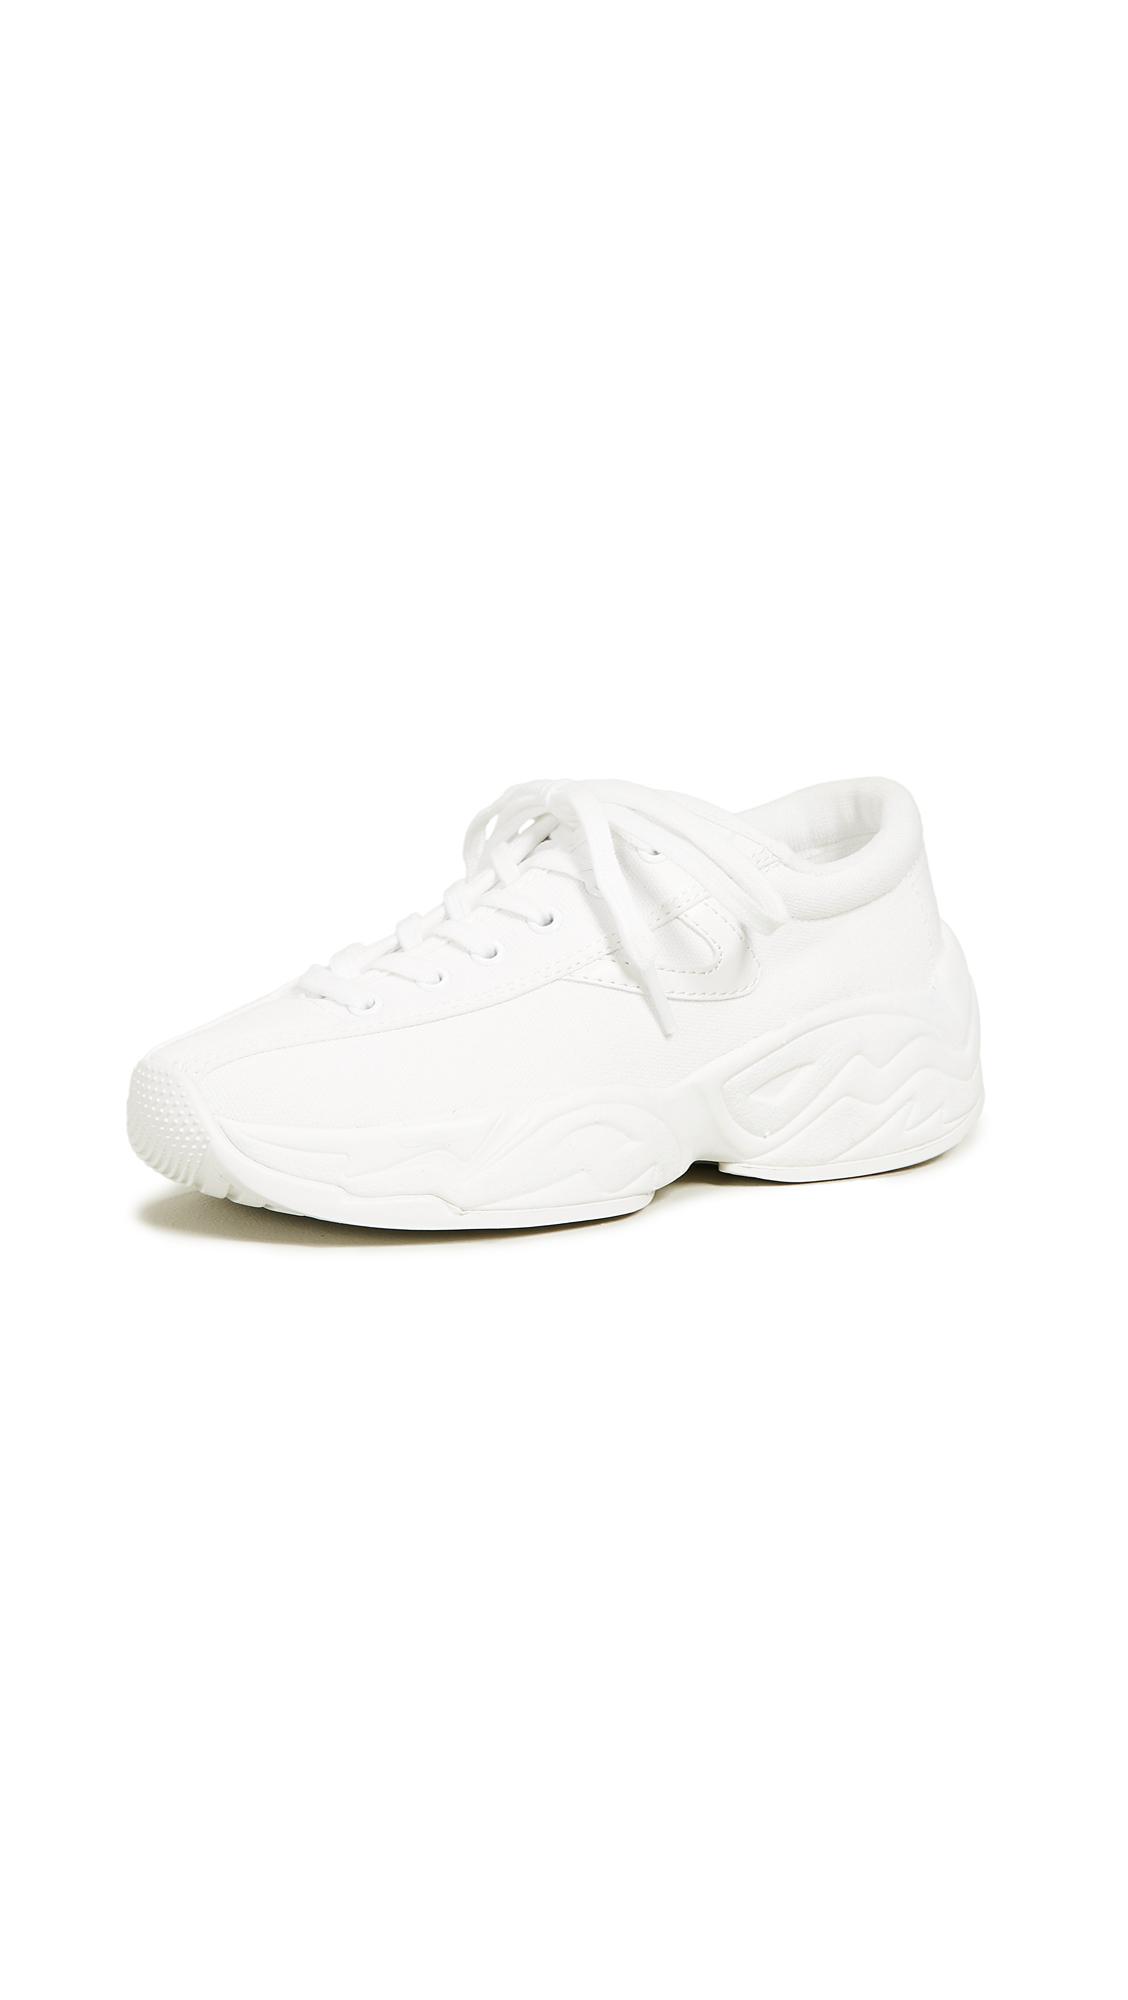 Tretorn Nylite Fly Sneakers - White/White